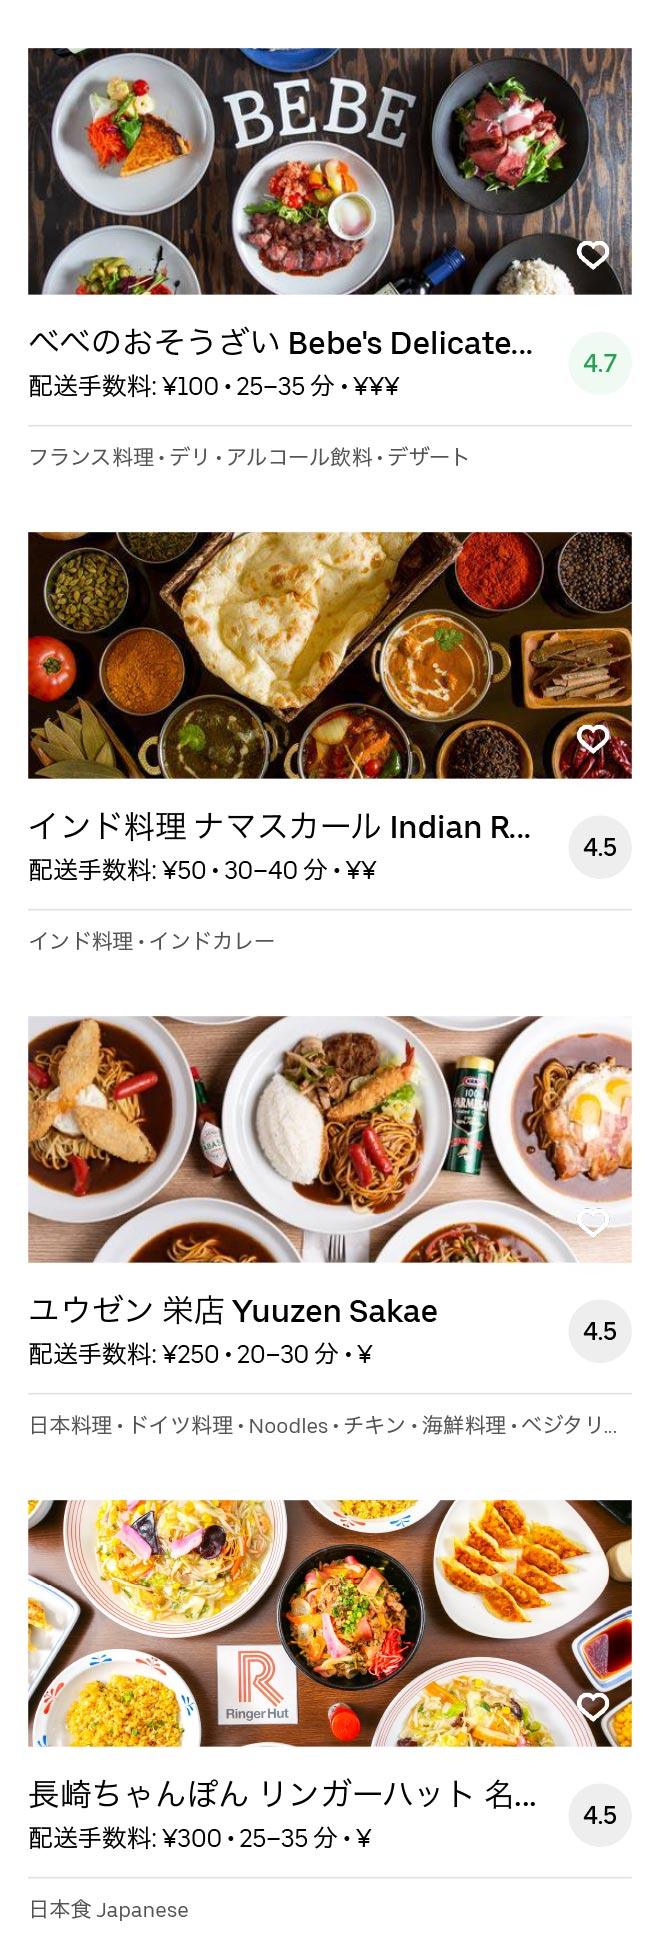 Nagoya ozone menu 2005 11